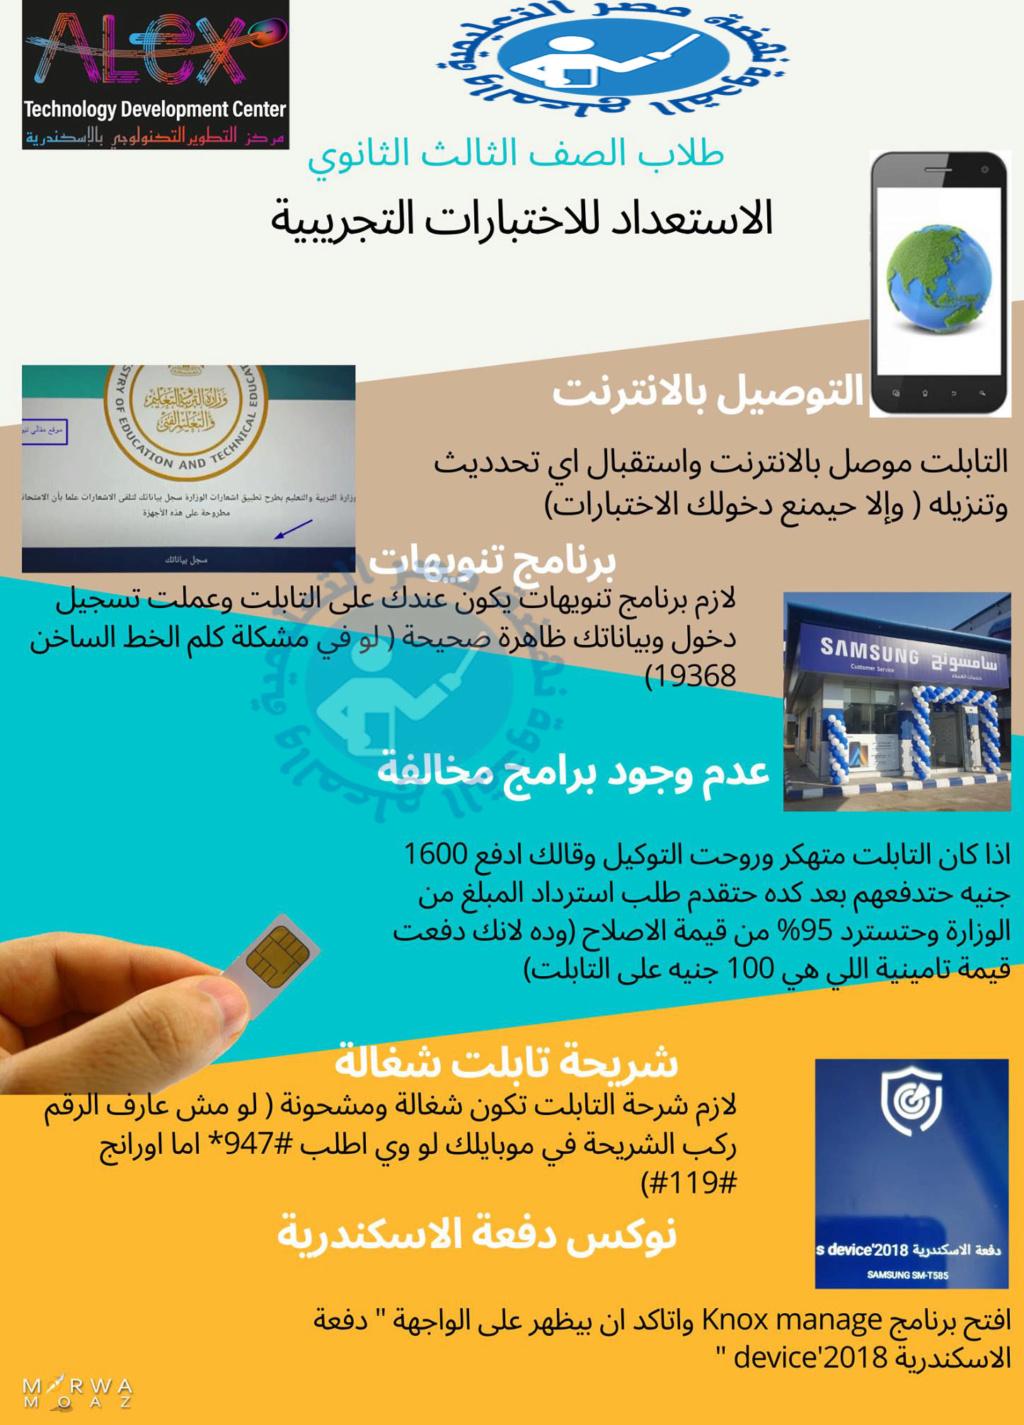 المدارس توجه طلاب الثانوية العامة  للإتصال بالإنترنت و عمل تحديث هام جدًا 17378010